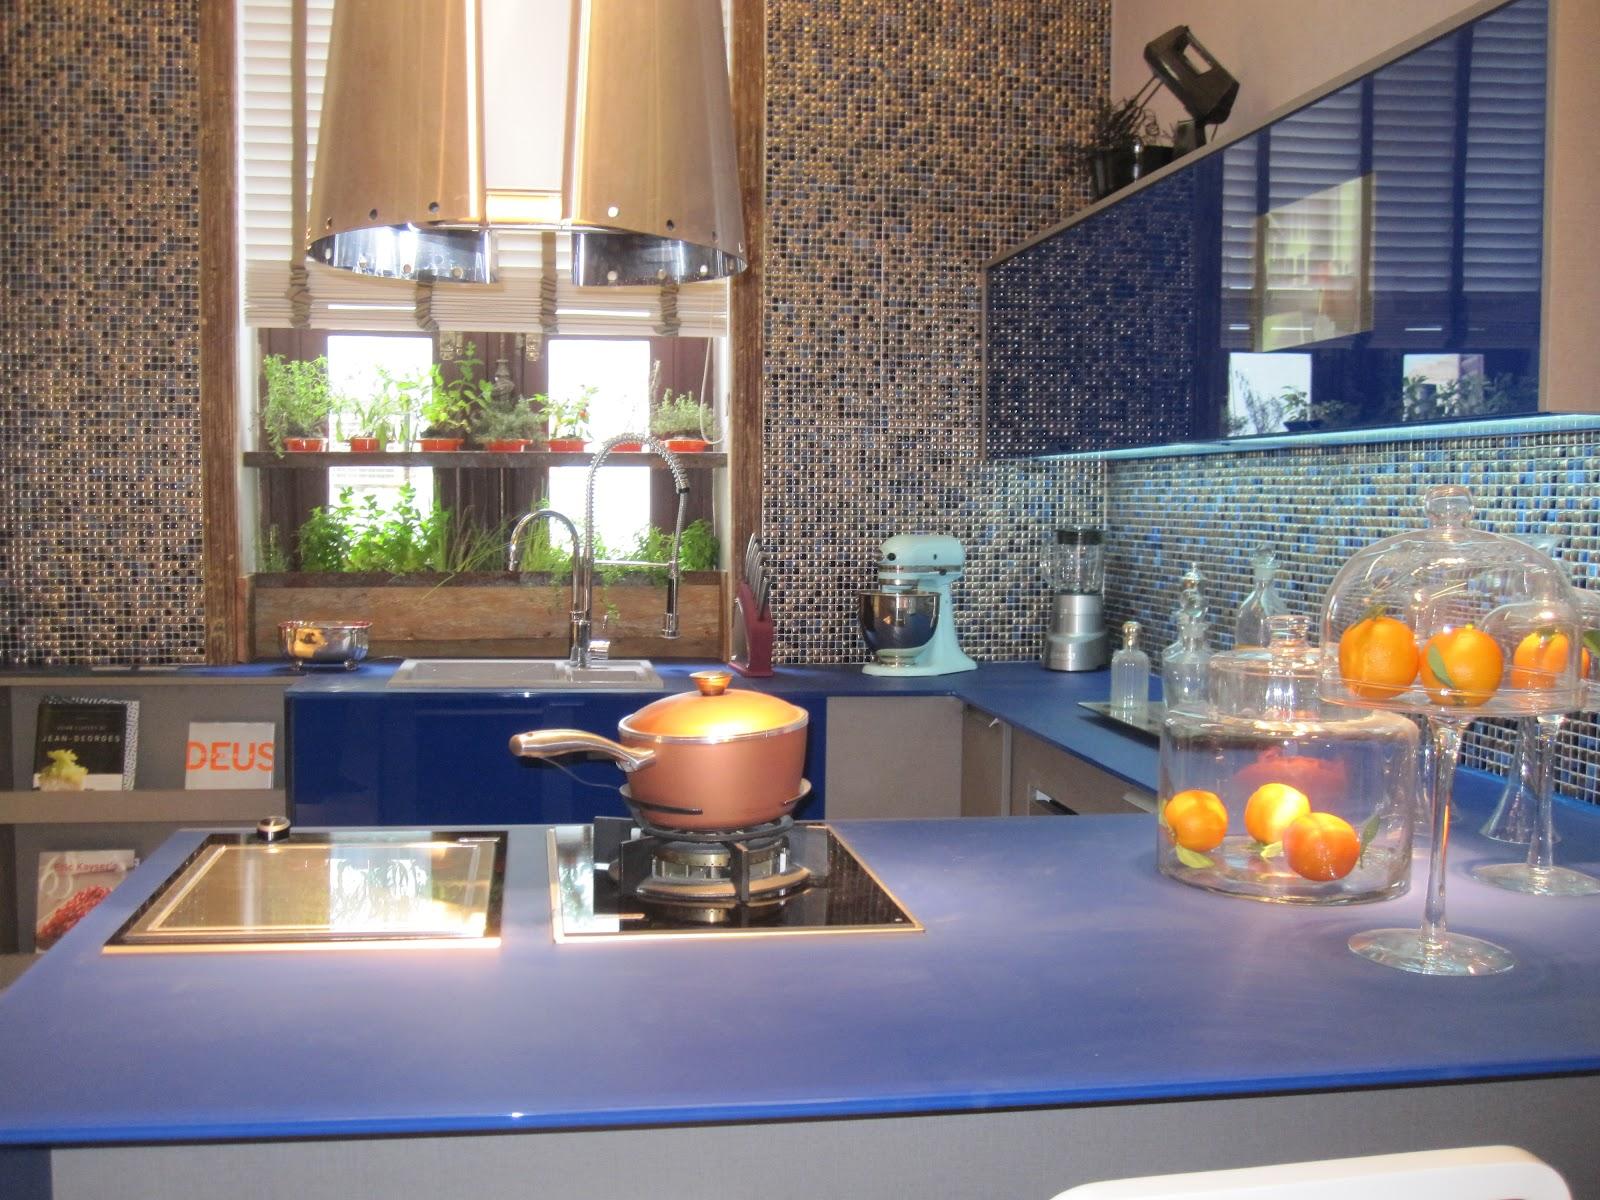 #8F733C Olhem que ideias legais de cozinhas nesta linha: 1600x1200 px Projetos De Cozinhas Brastemp #439 imagens